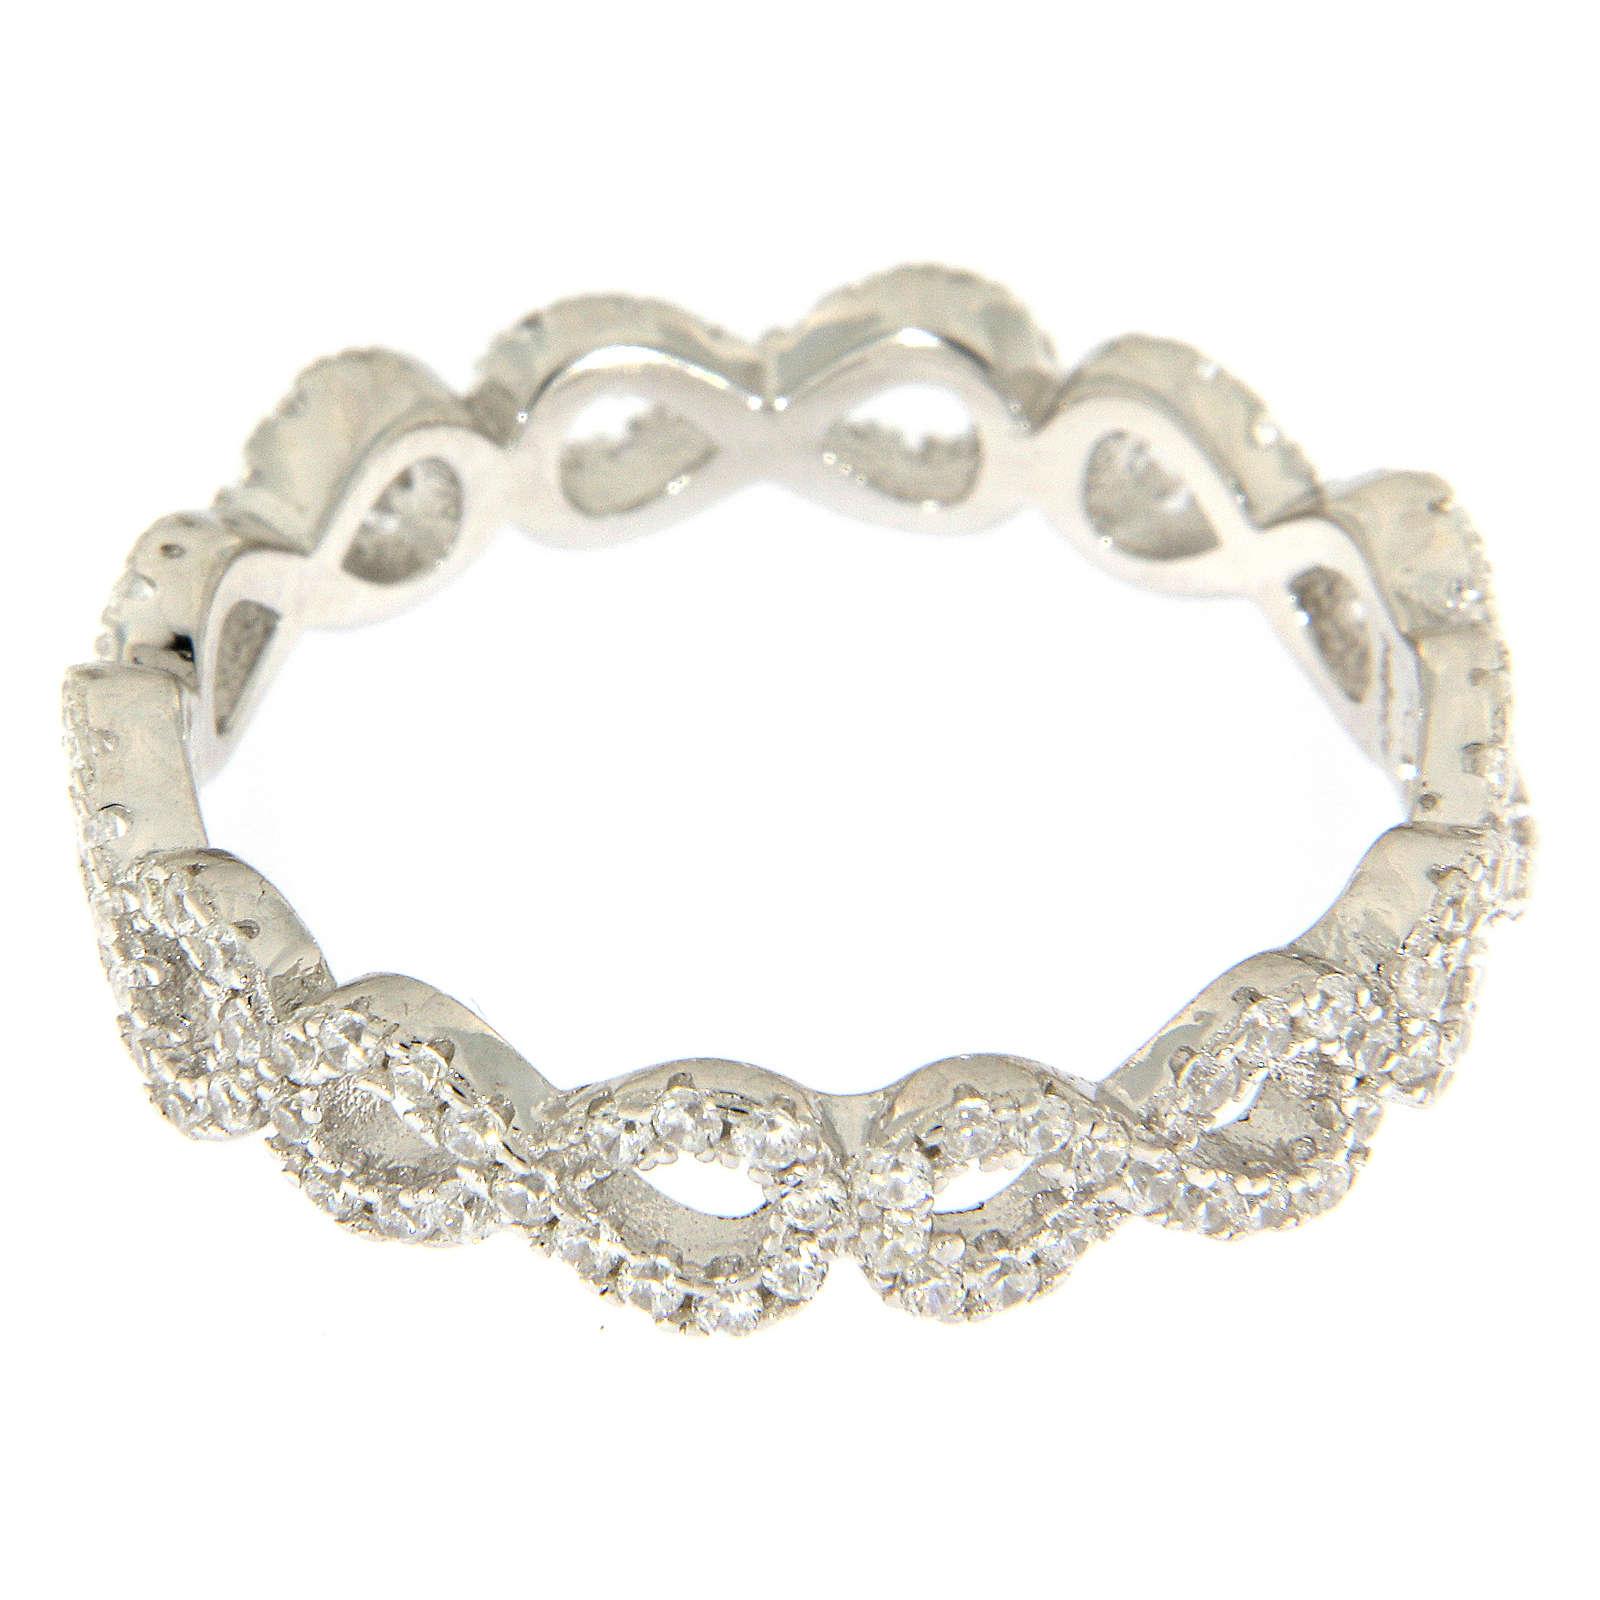 Anillo AMEN infinito y zircones blancos plata 925 3